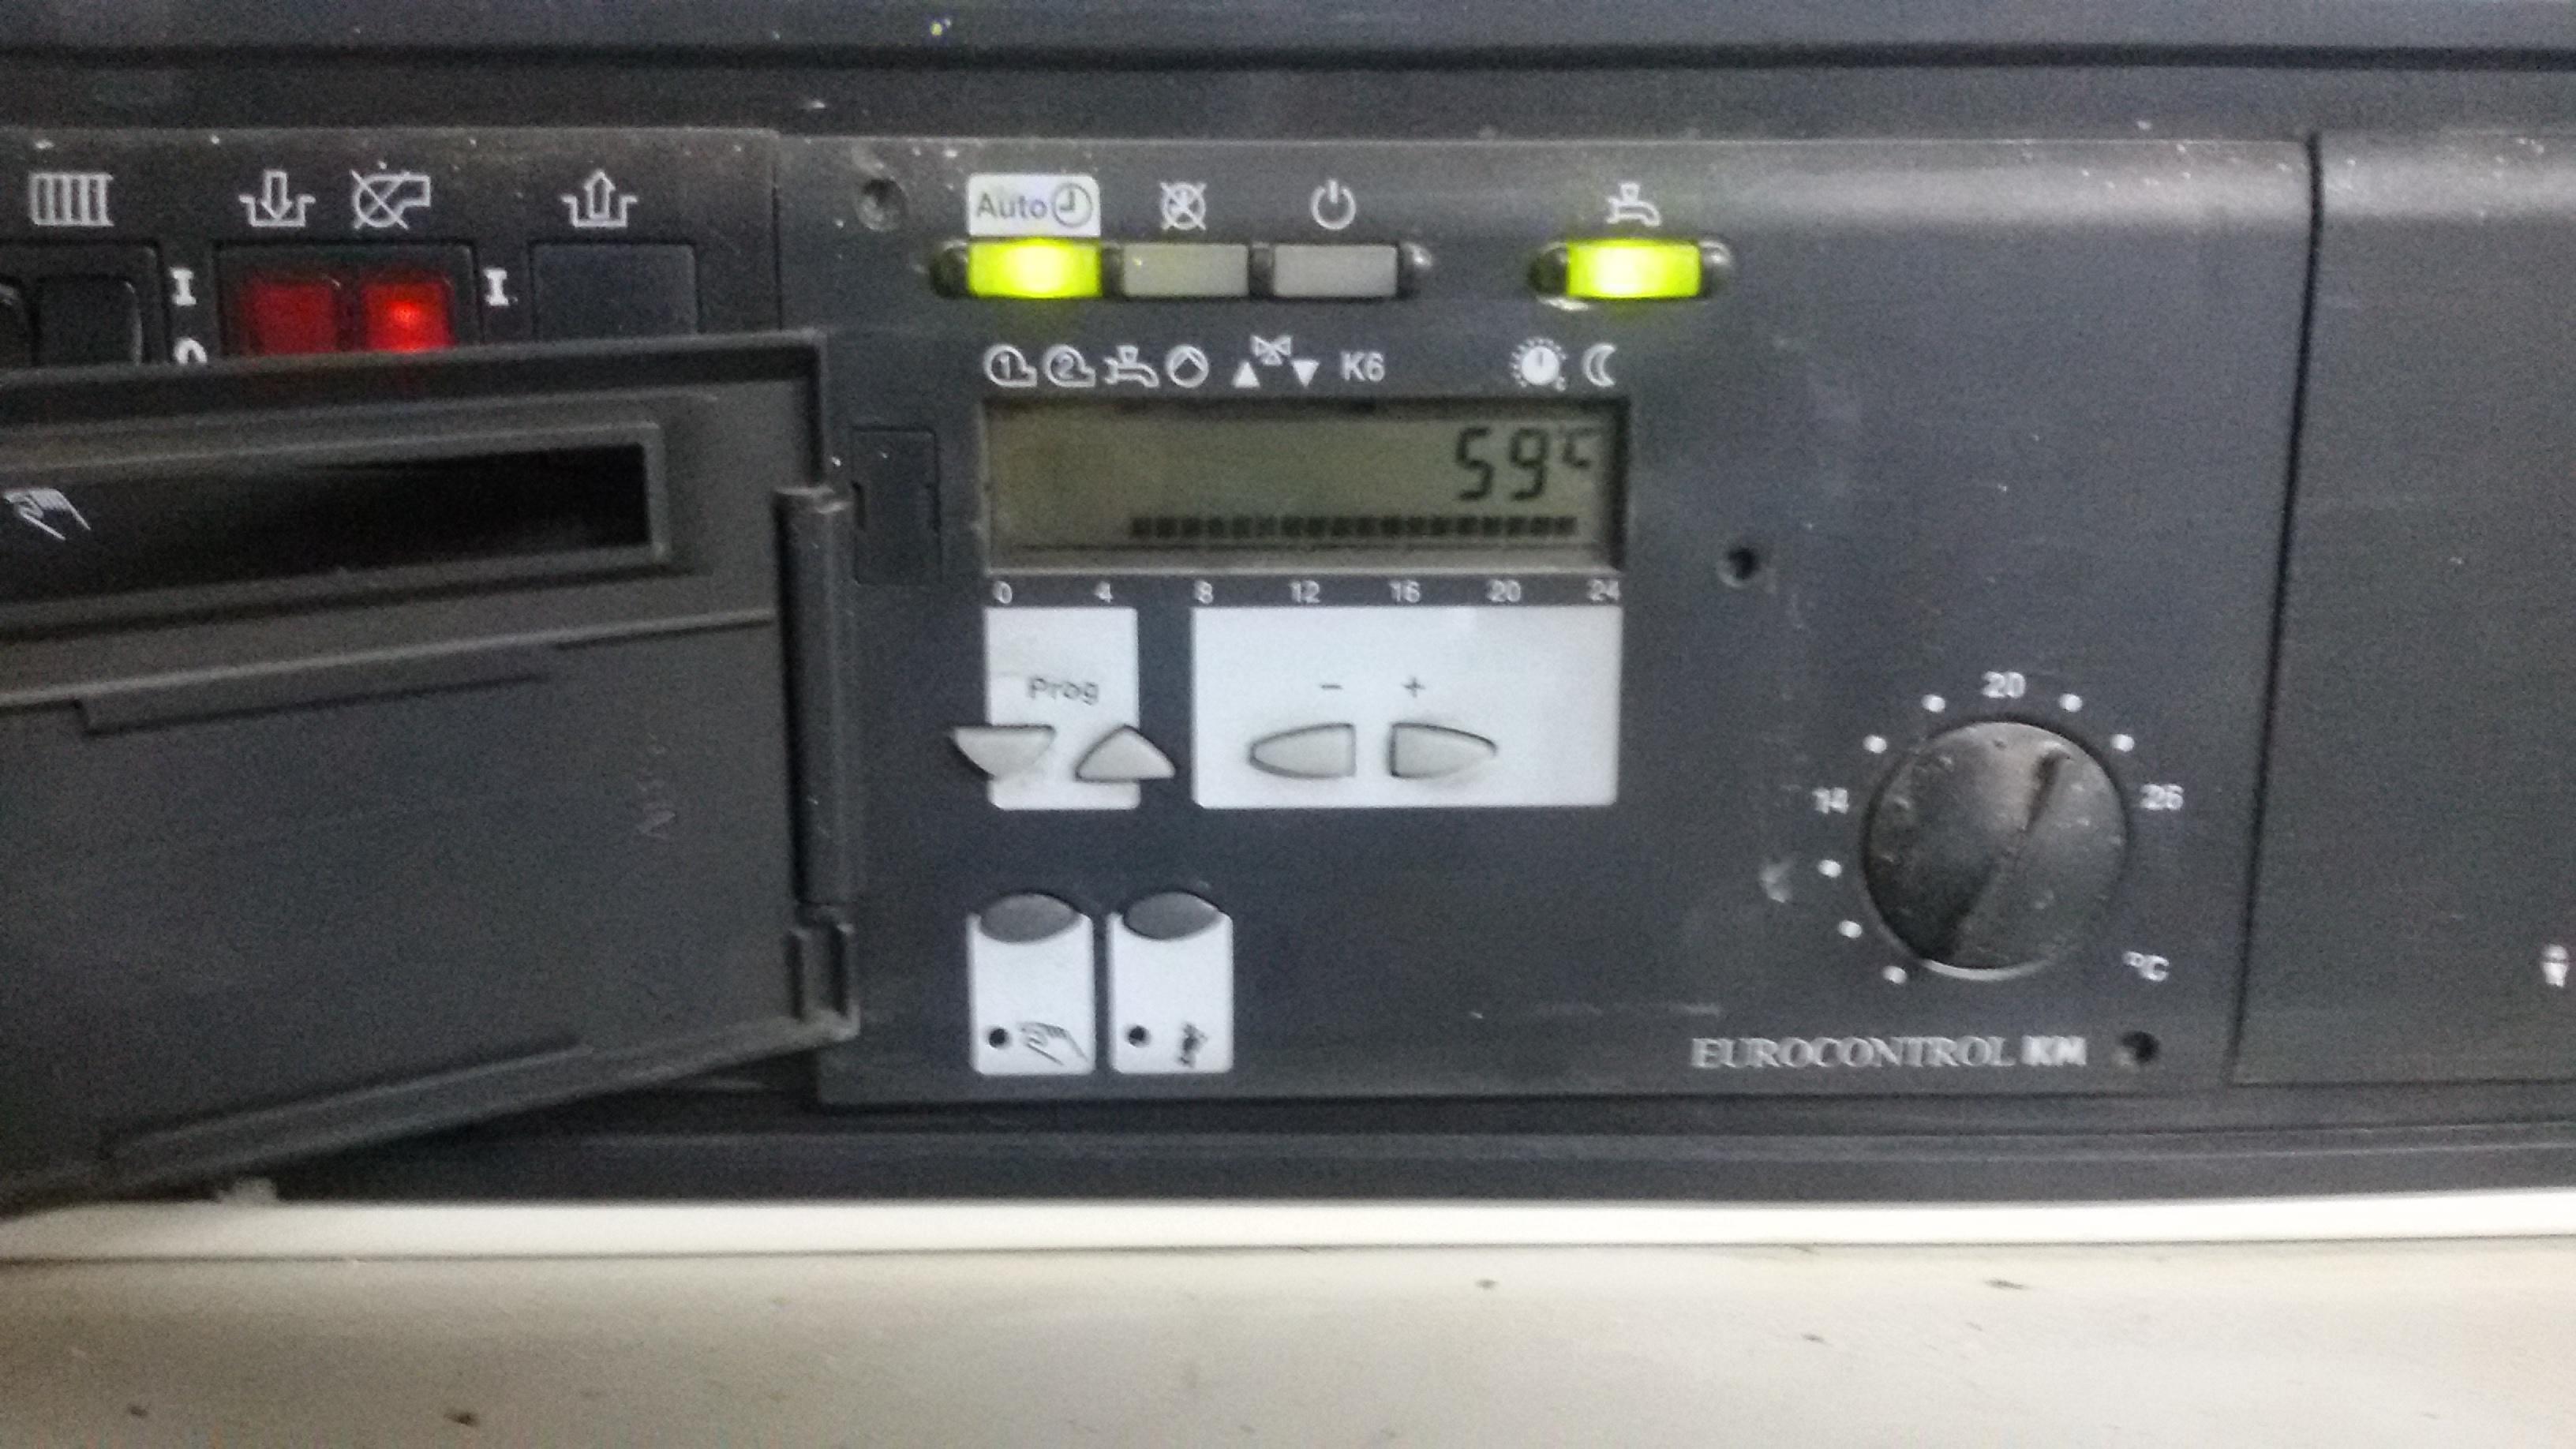 instrukcja eurocontrol km -